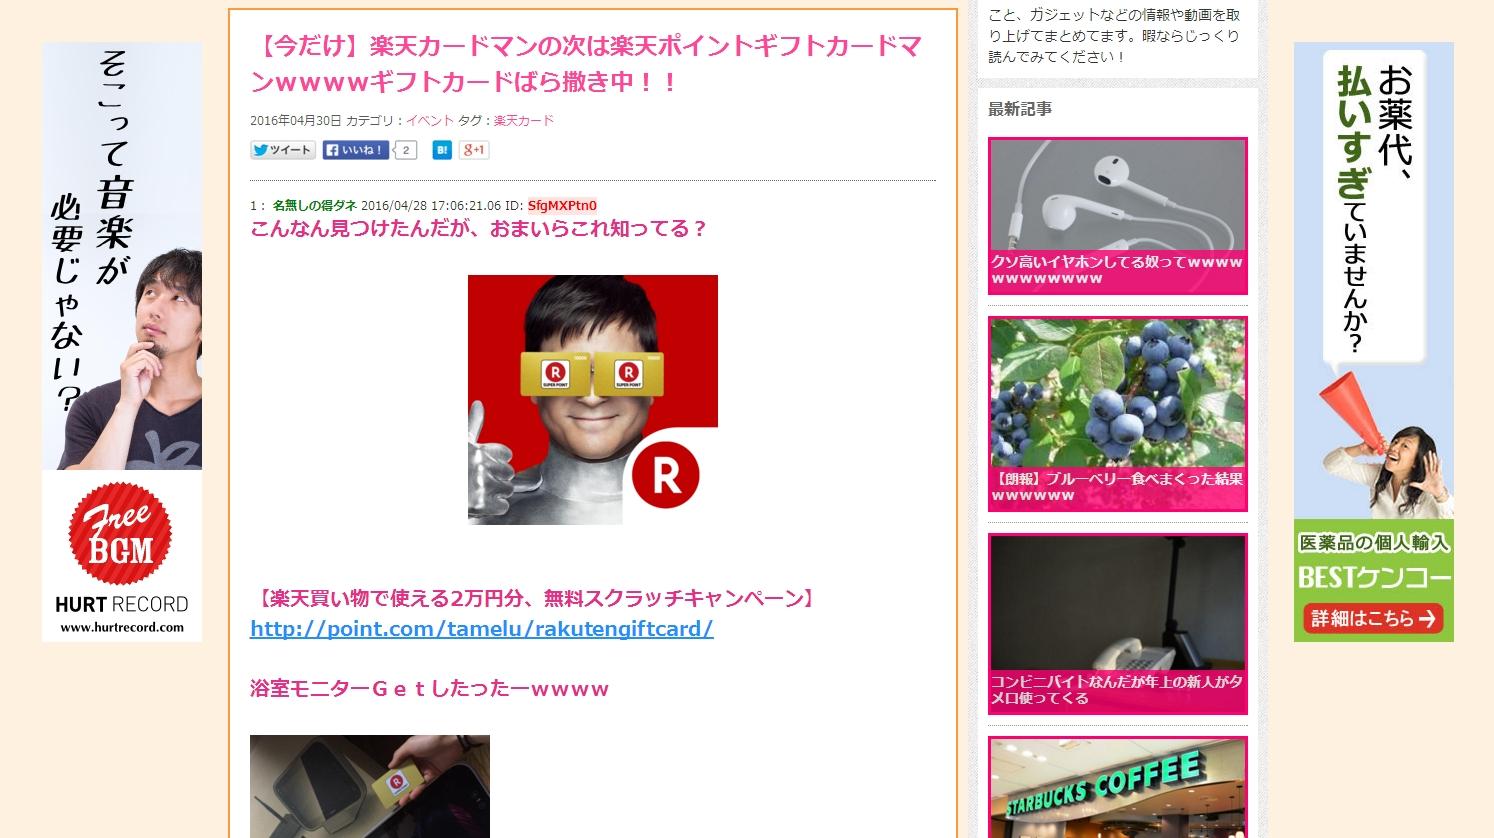 【注意】楽天ポイントギフトカード2万円分がもらえ放題ってホント!?